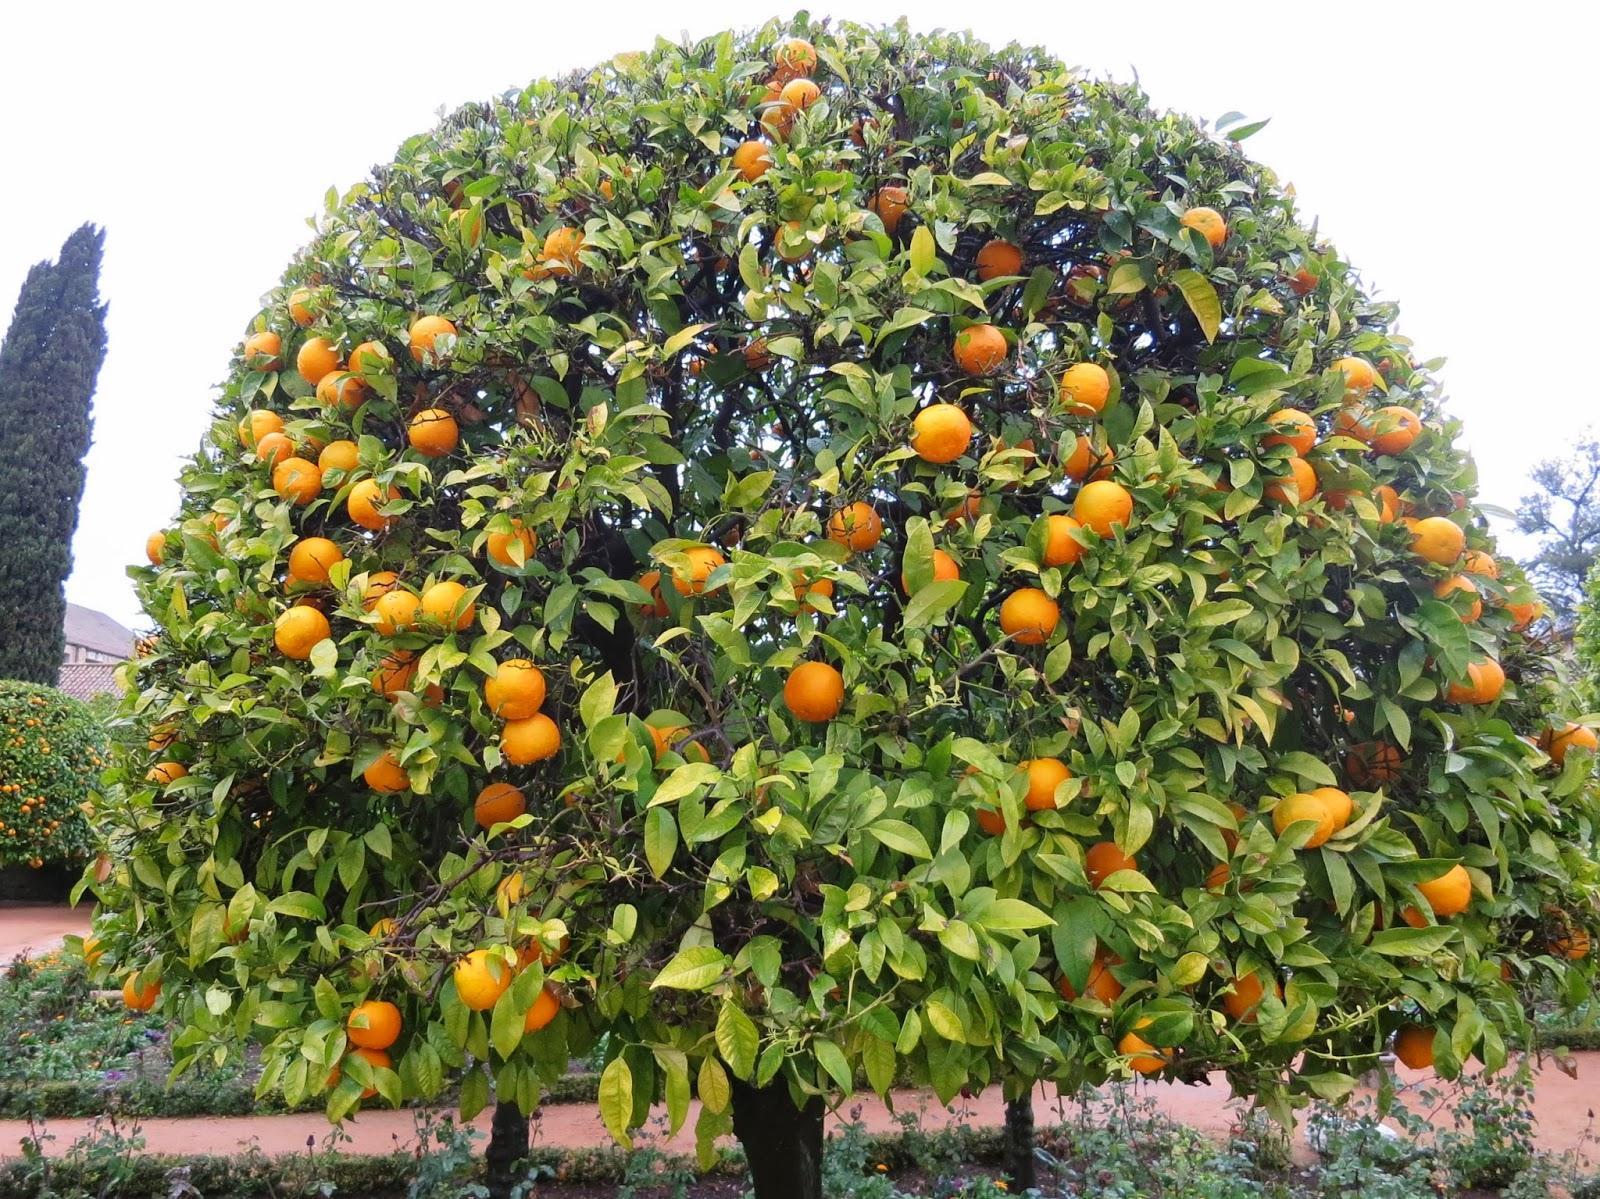 фрукты растут на деревьях картинки бескрайними возможностями